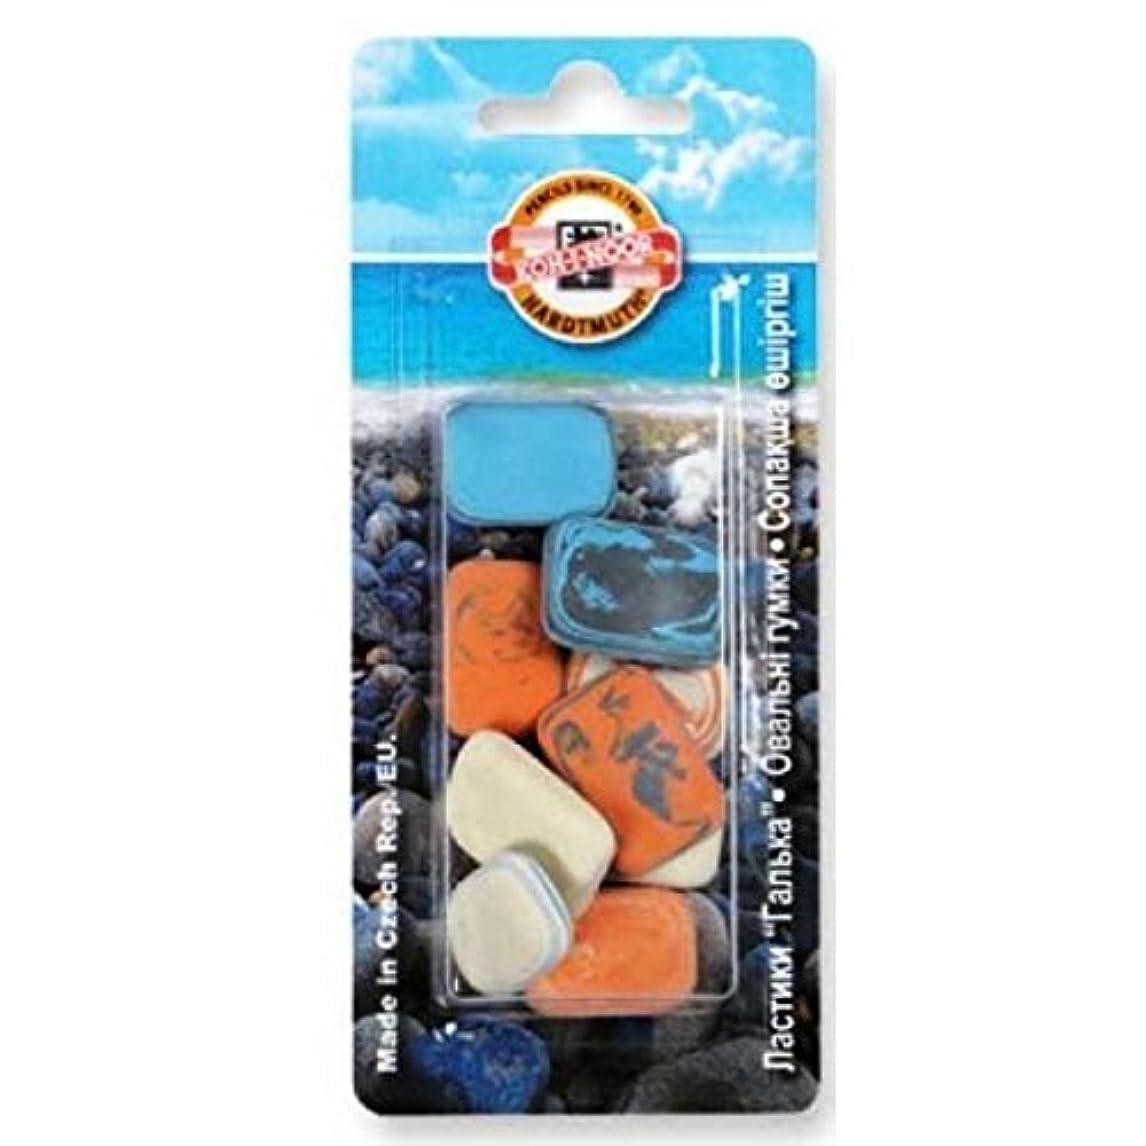 Koh-I-Noor 6510 Pebble Eraser 50g Blister ztyf0494002534